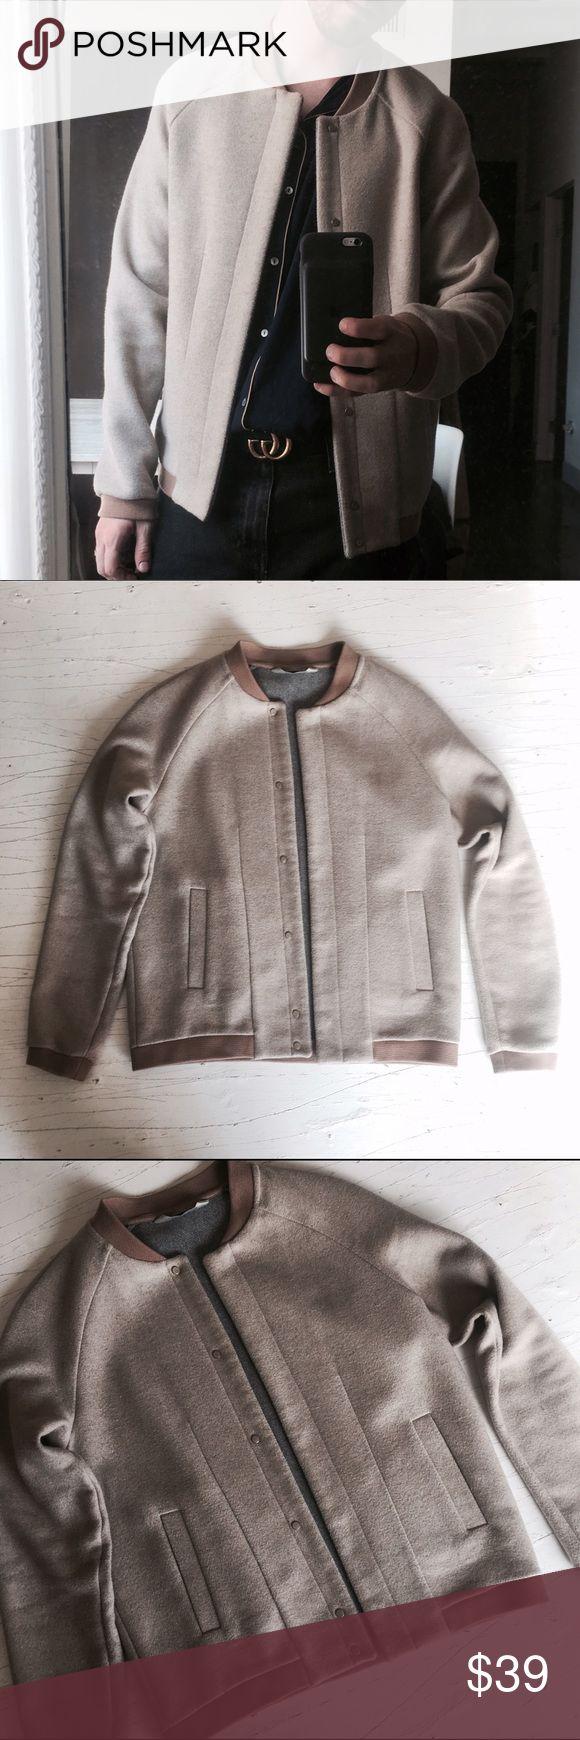 Zara Wool Bomber Jacket Cream Work only twice // High quality Zara wool structured bomber jacket in light cream color. Zara Jackets & Coats Bomber & Varsity